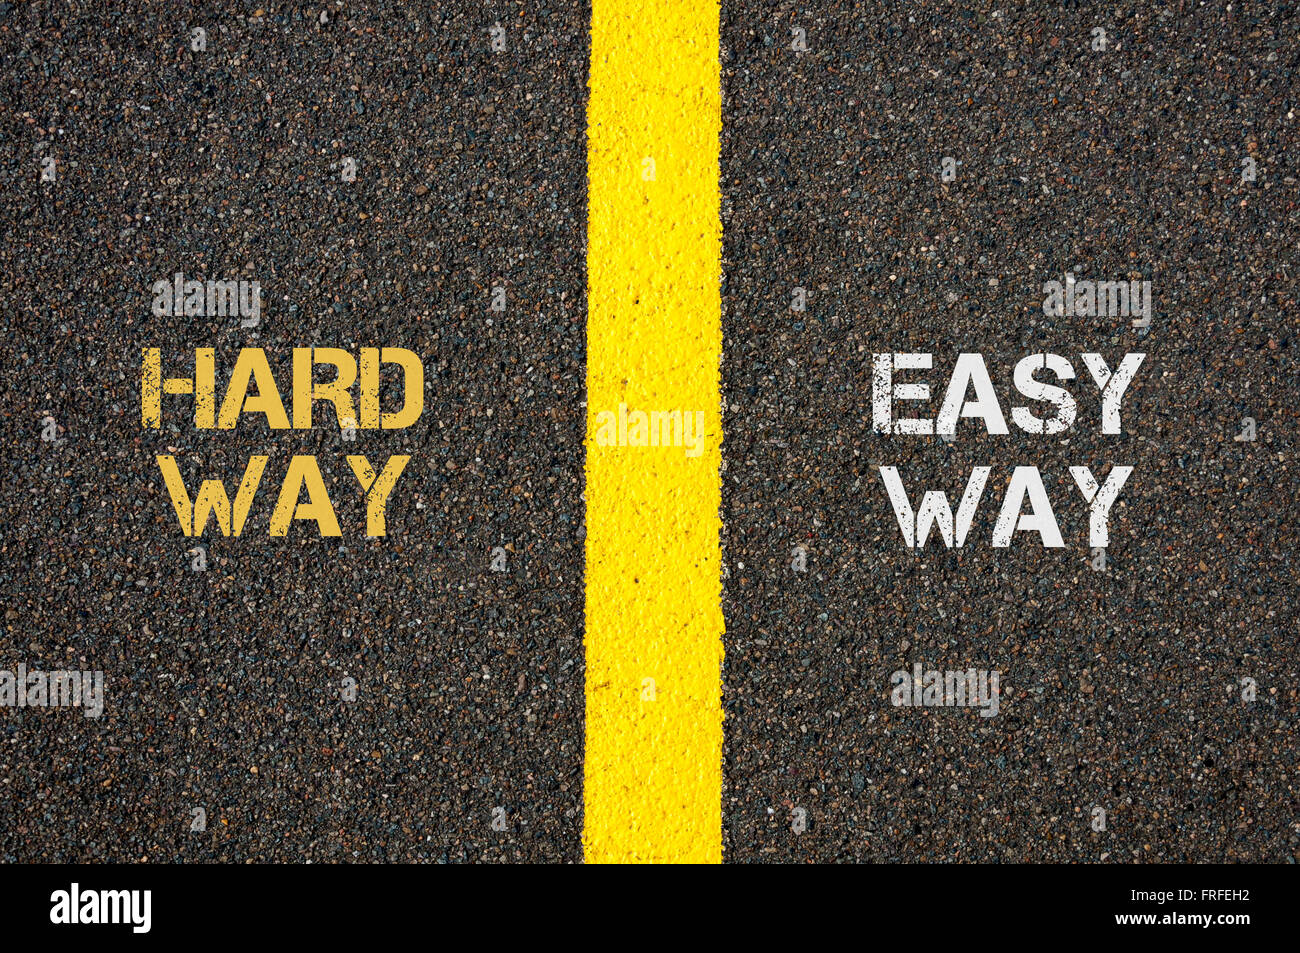 Antonym concetto di modo duro rispetto al semplice modo scritto su asfalto, la segnaletica stradale vernice gialla Immagini Stock